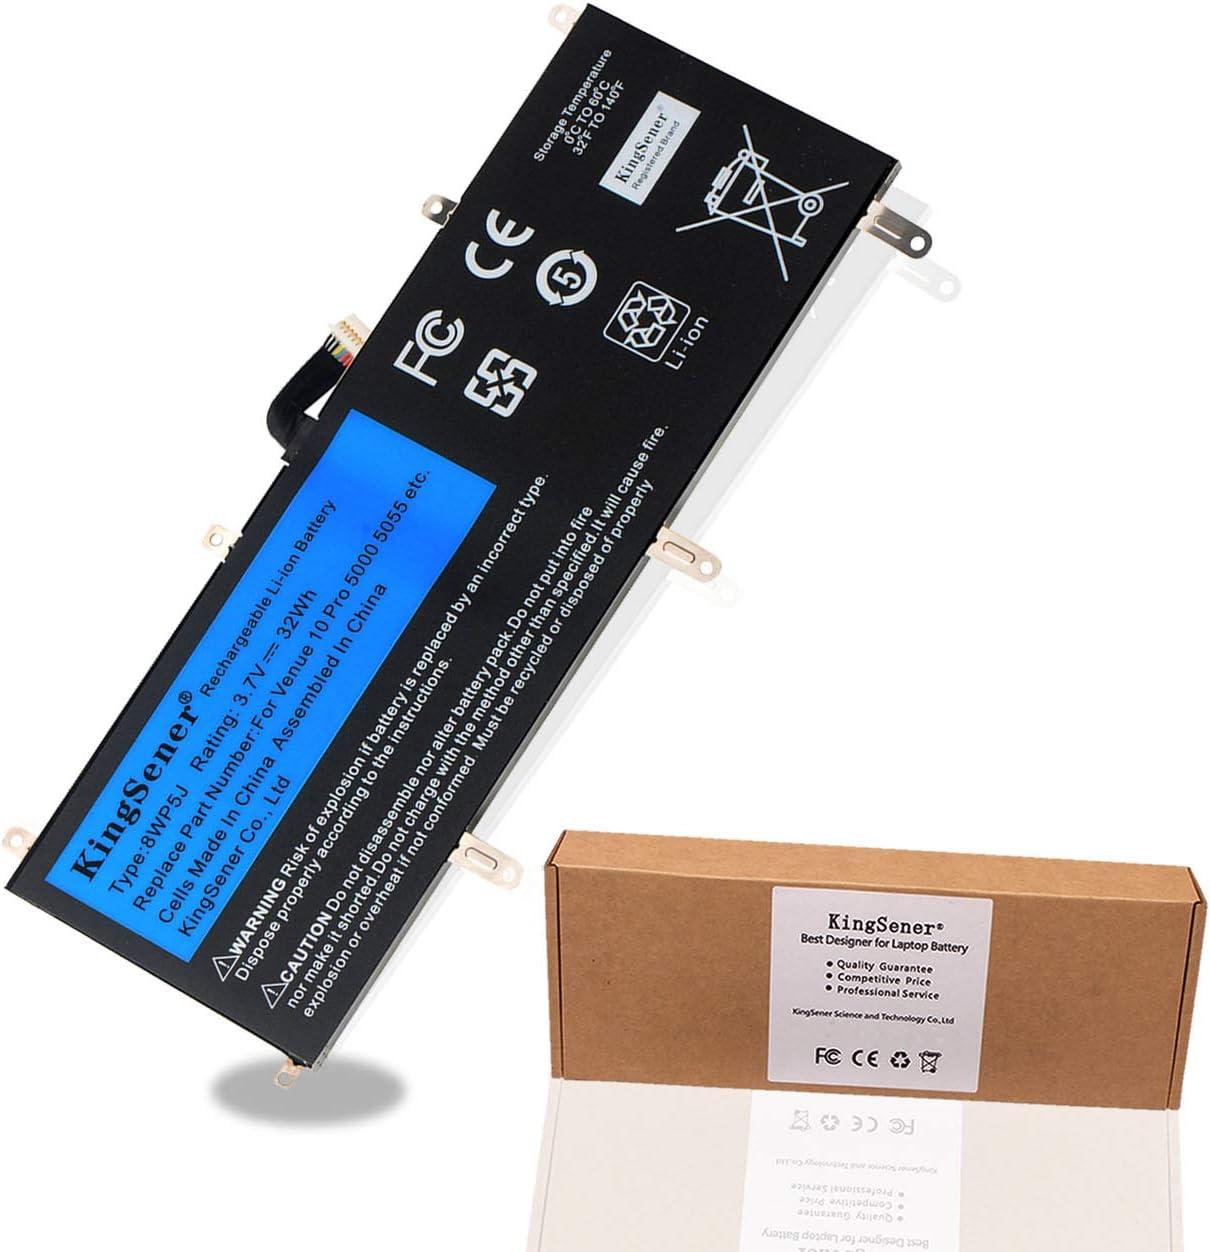 KingSener New 8WP5J Laptop Battery for Dell Venue 10 Pro 5000,Dell Venue 10 Pro 5055, 8WP5J 69Y4H JKHC1 08WP5J 069Y4H 0JKHC1